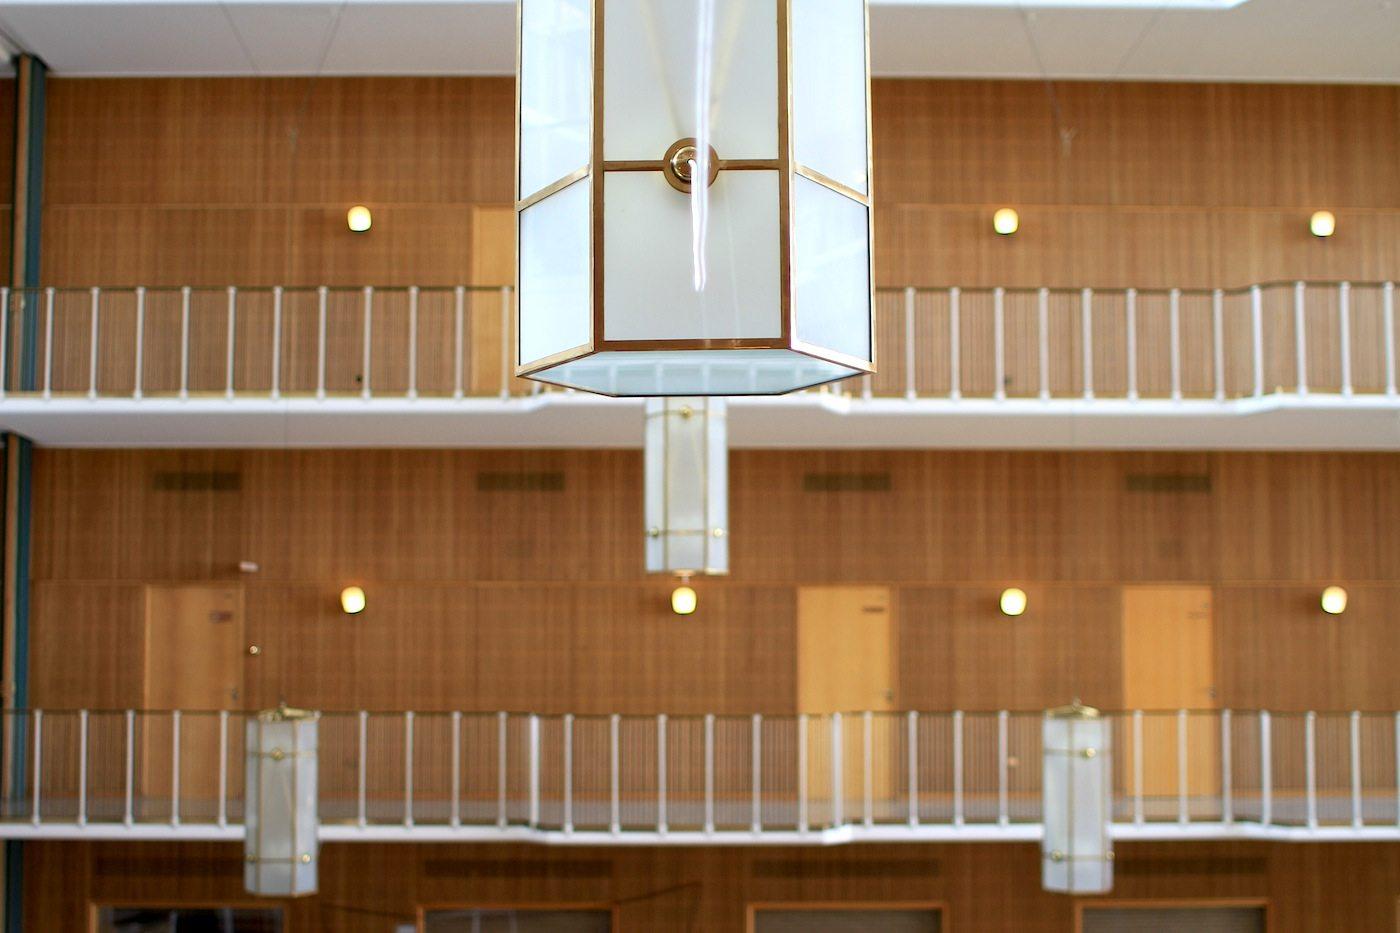 Die Rathaushalle. kann um die 800 Menschen fassen. Der Boden wurde aus seltenem Mooreichenholz gefertigt.